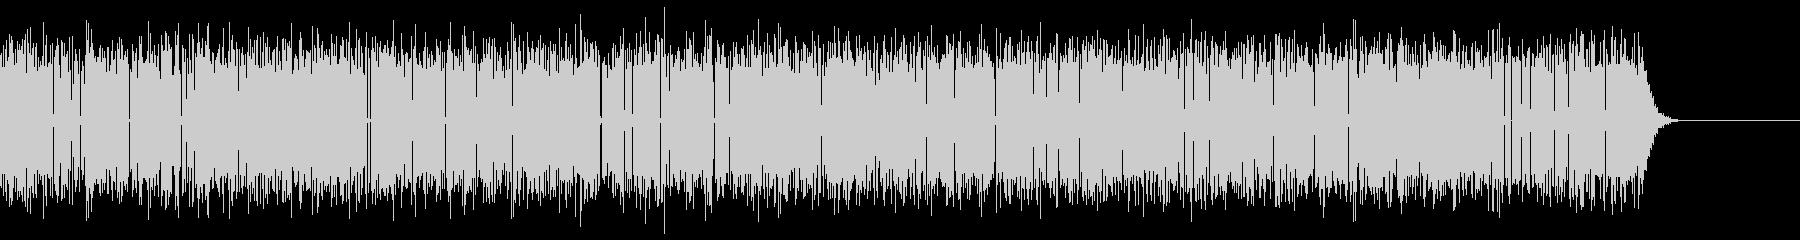 ノイズ パチッ02の未再生の波形